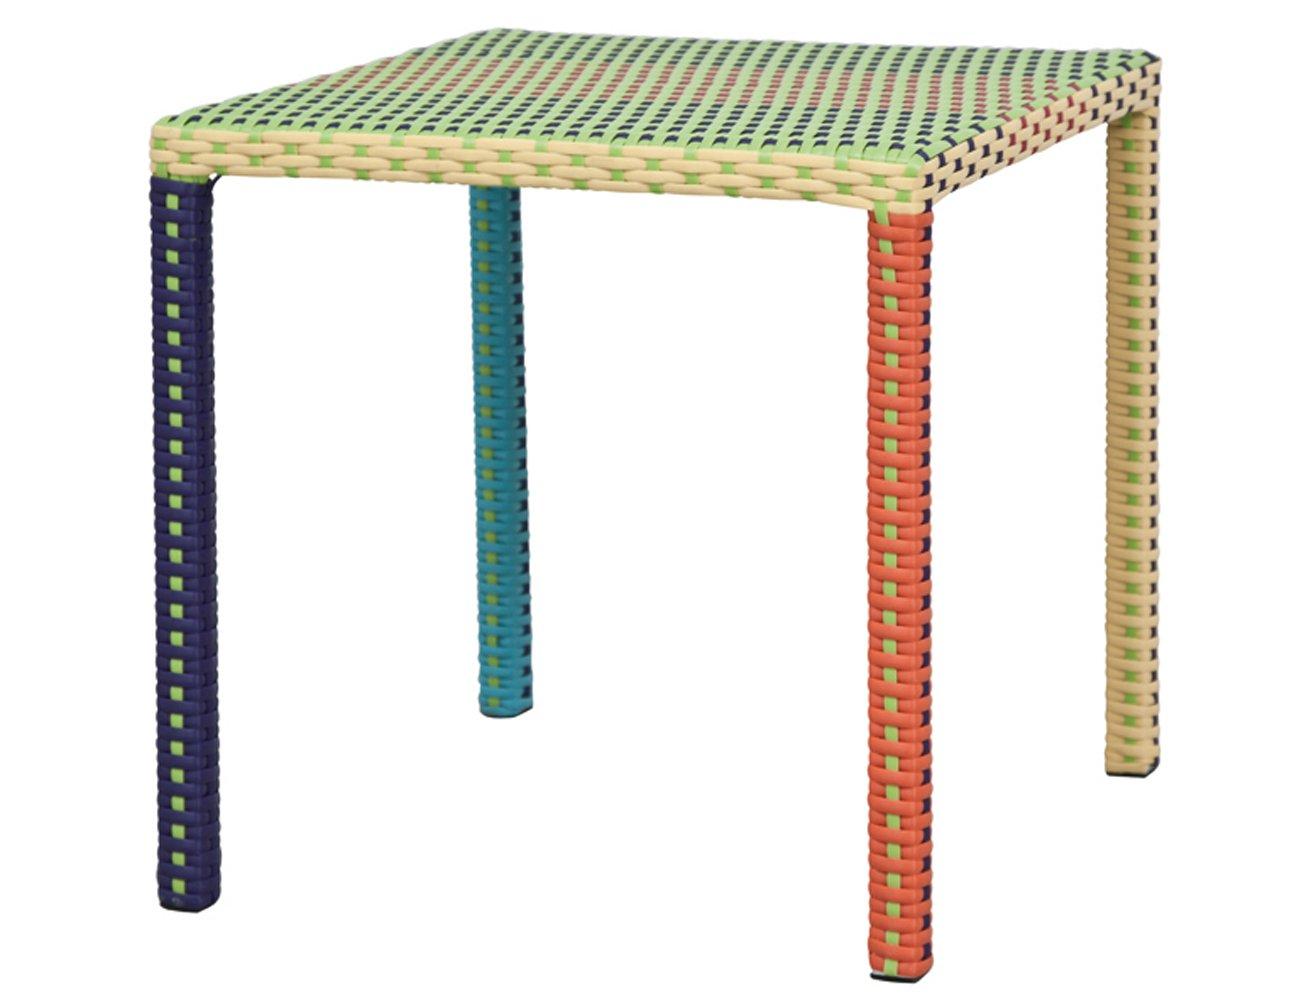 Siena Garden 925668 Kindertisch Mini Wien, Stahl-Untergestell, Gardino-Geflecht lila / orange, 46.5 x 46.5 x 50 cm